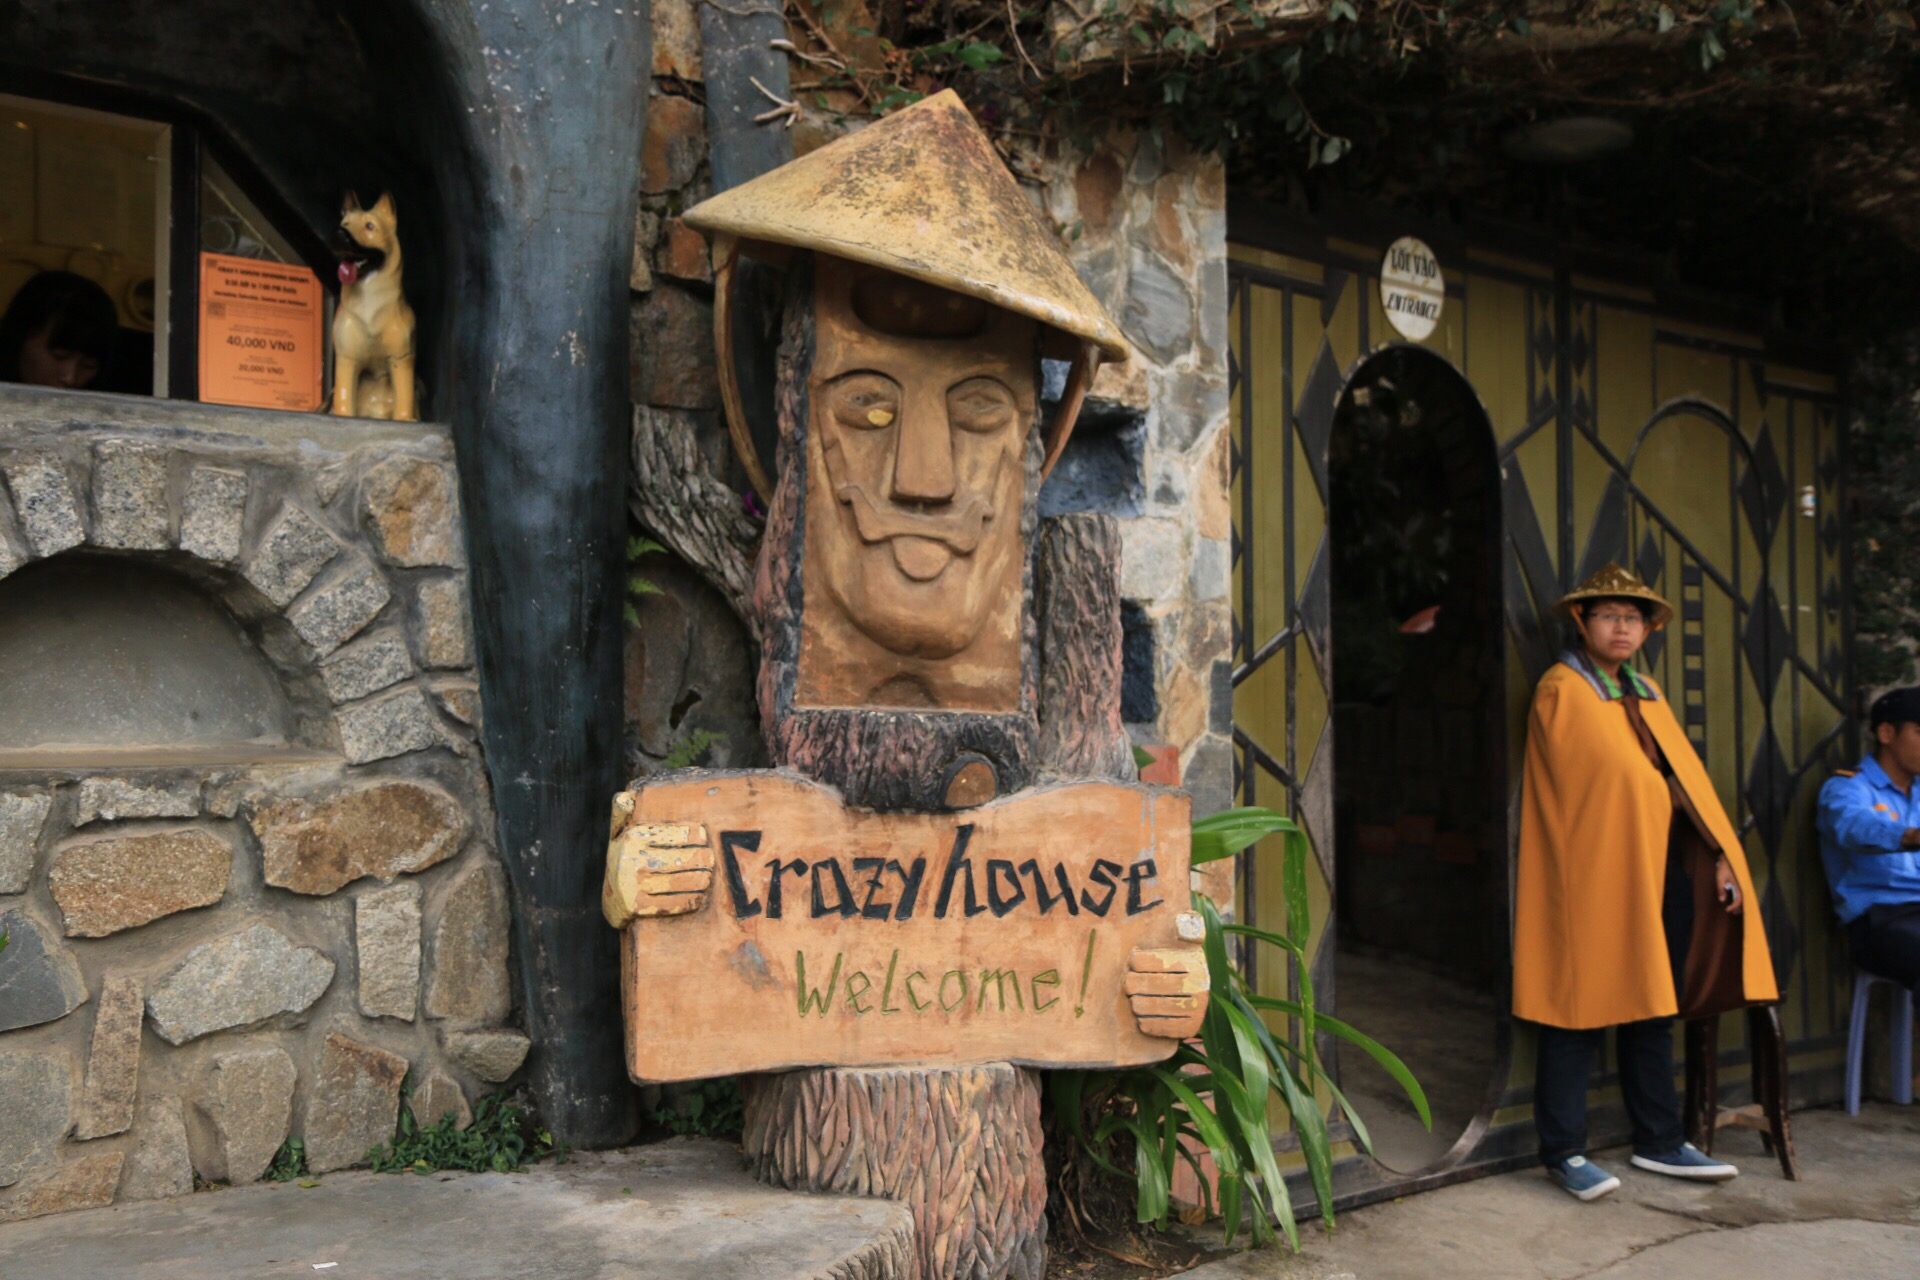 Der Eingang zum Crazy House. Die Station kann man auch weglassen.